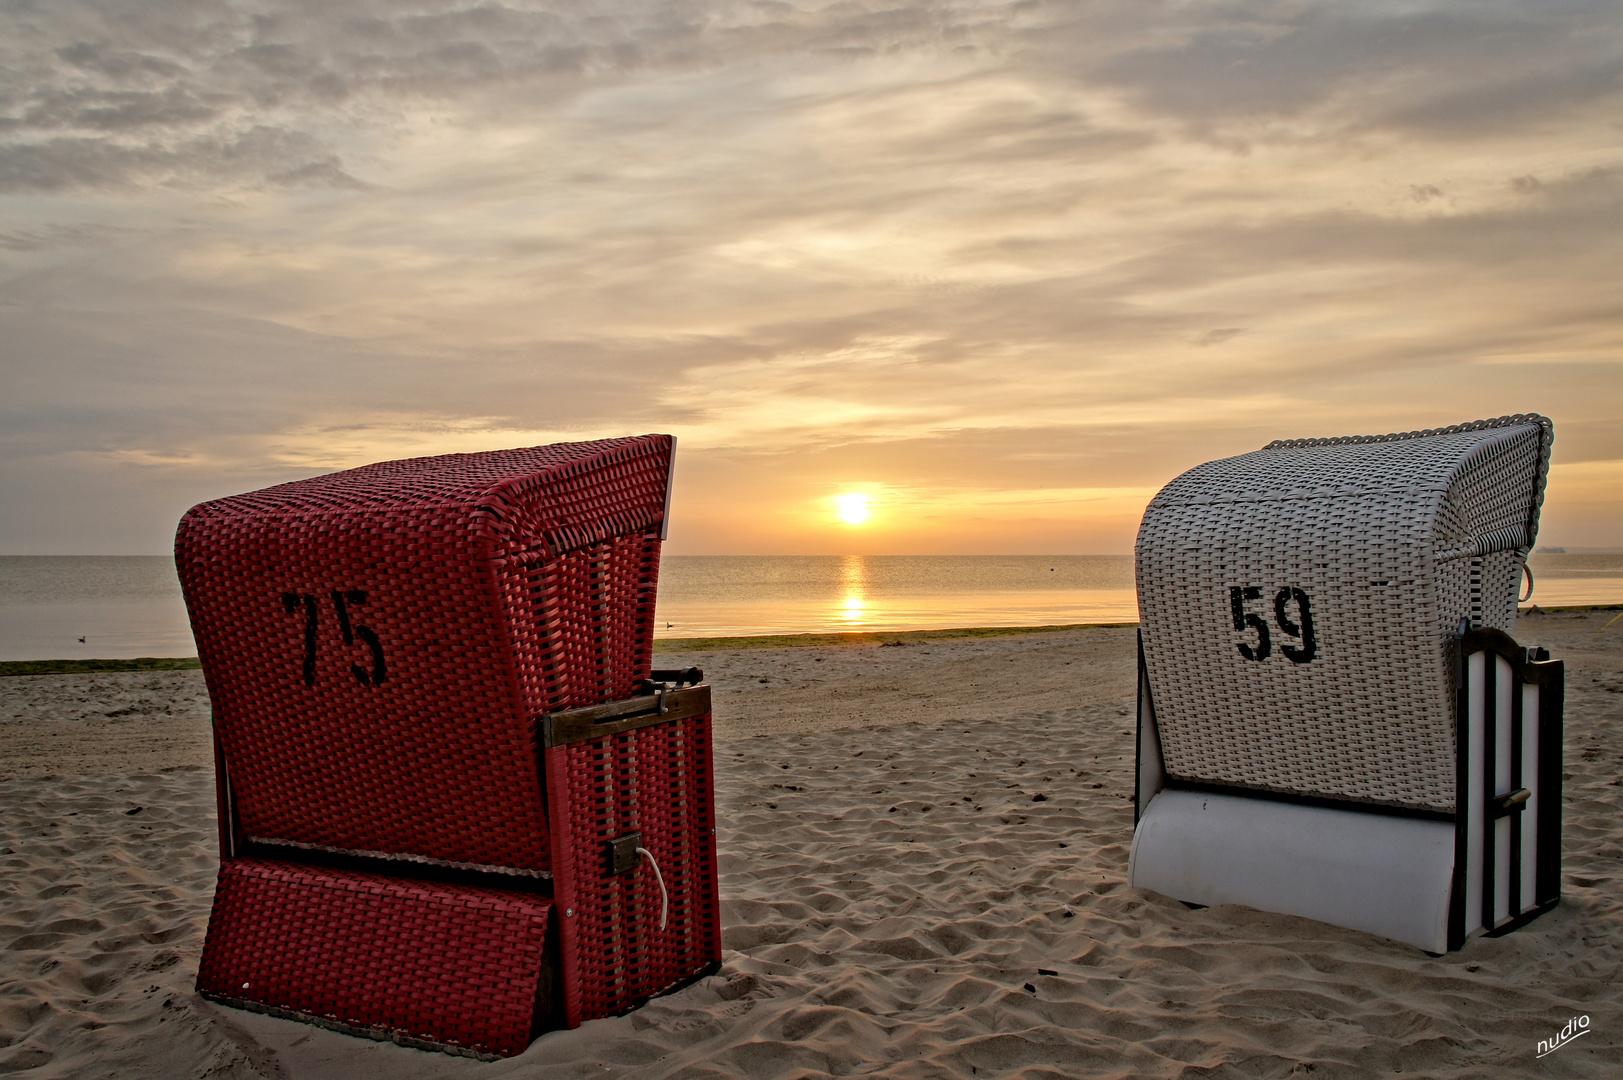 Strandkorb sonnenaufgang  Akt im Strandkorb - von hinten Foto & Bild | sommer, sonnenaufgang ...